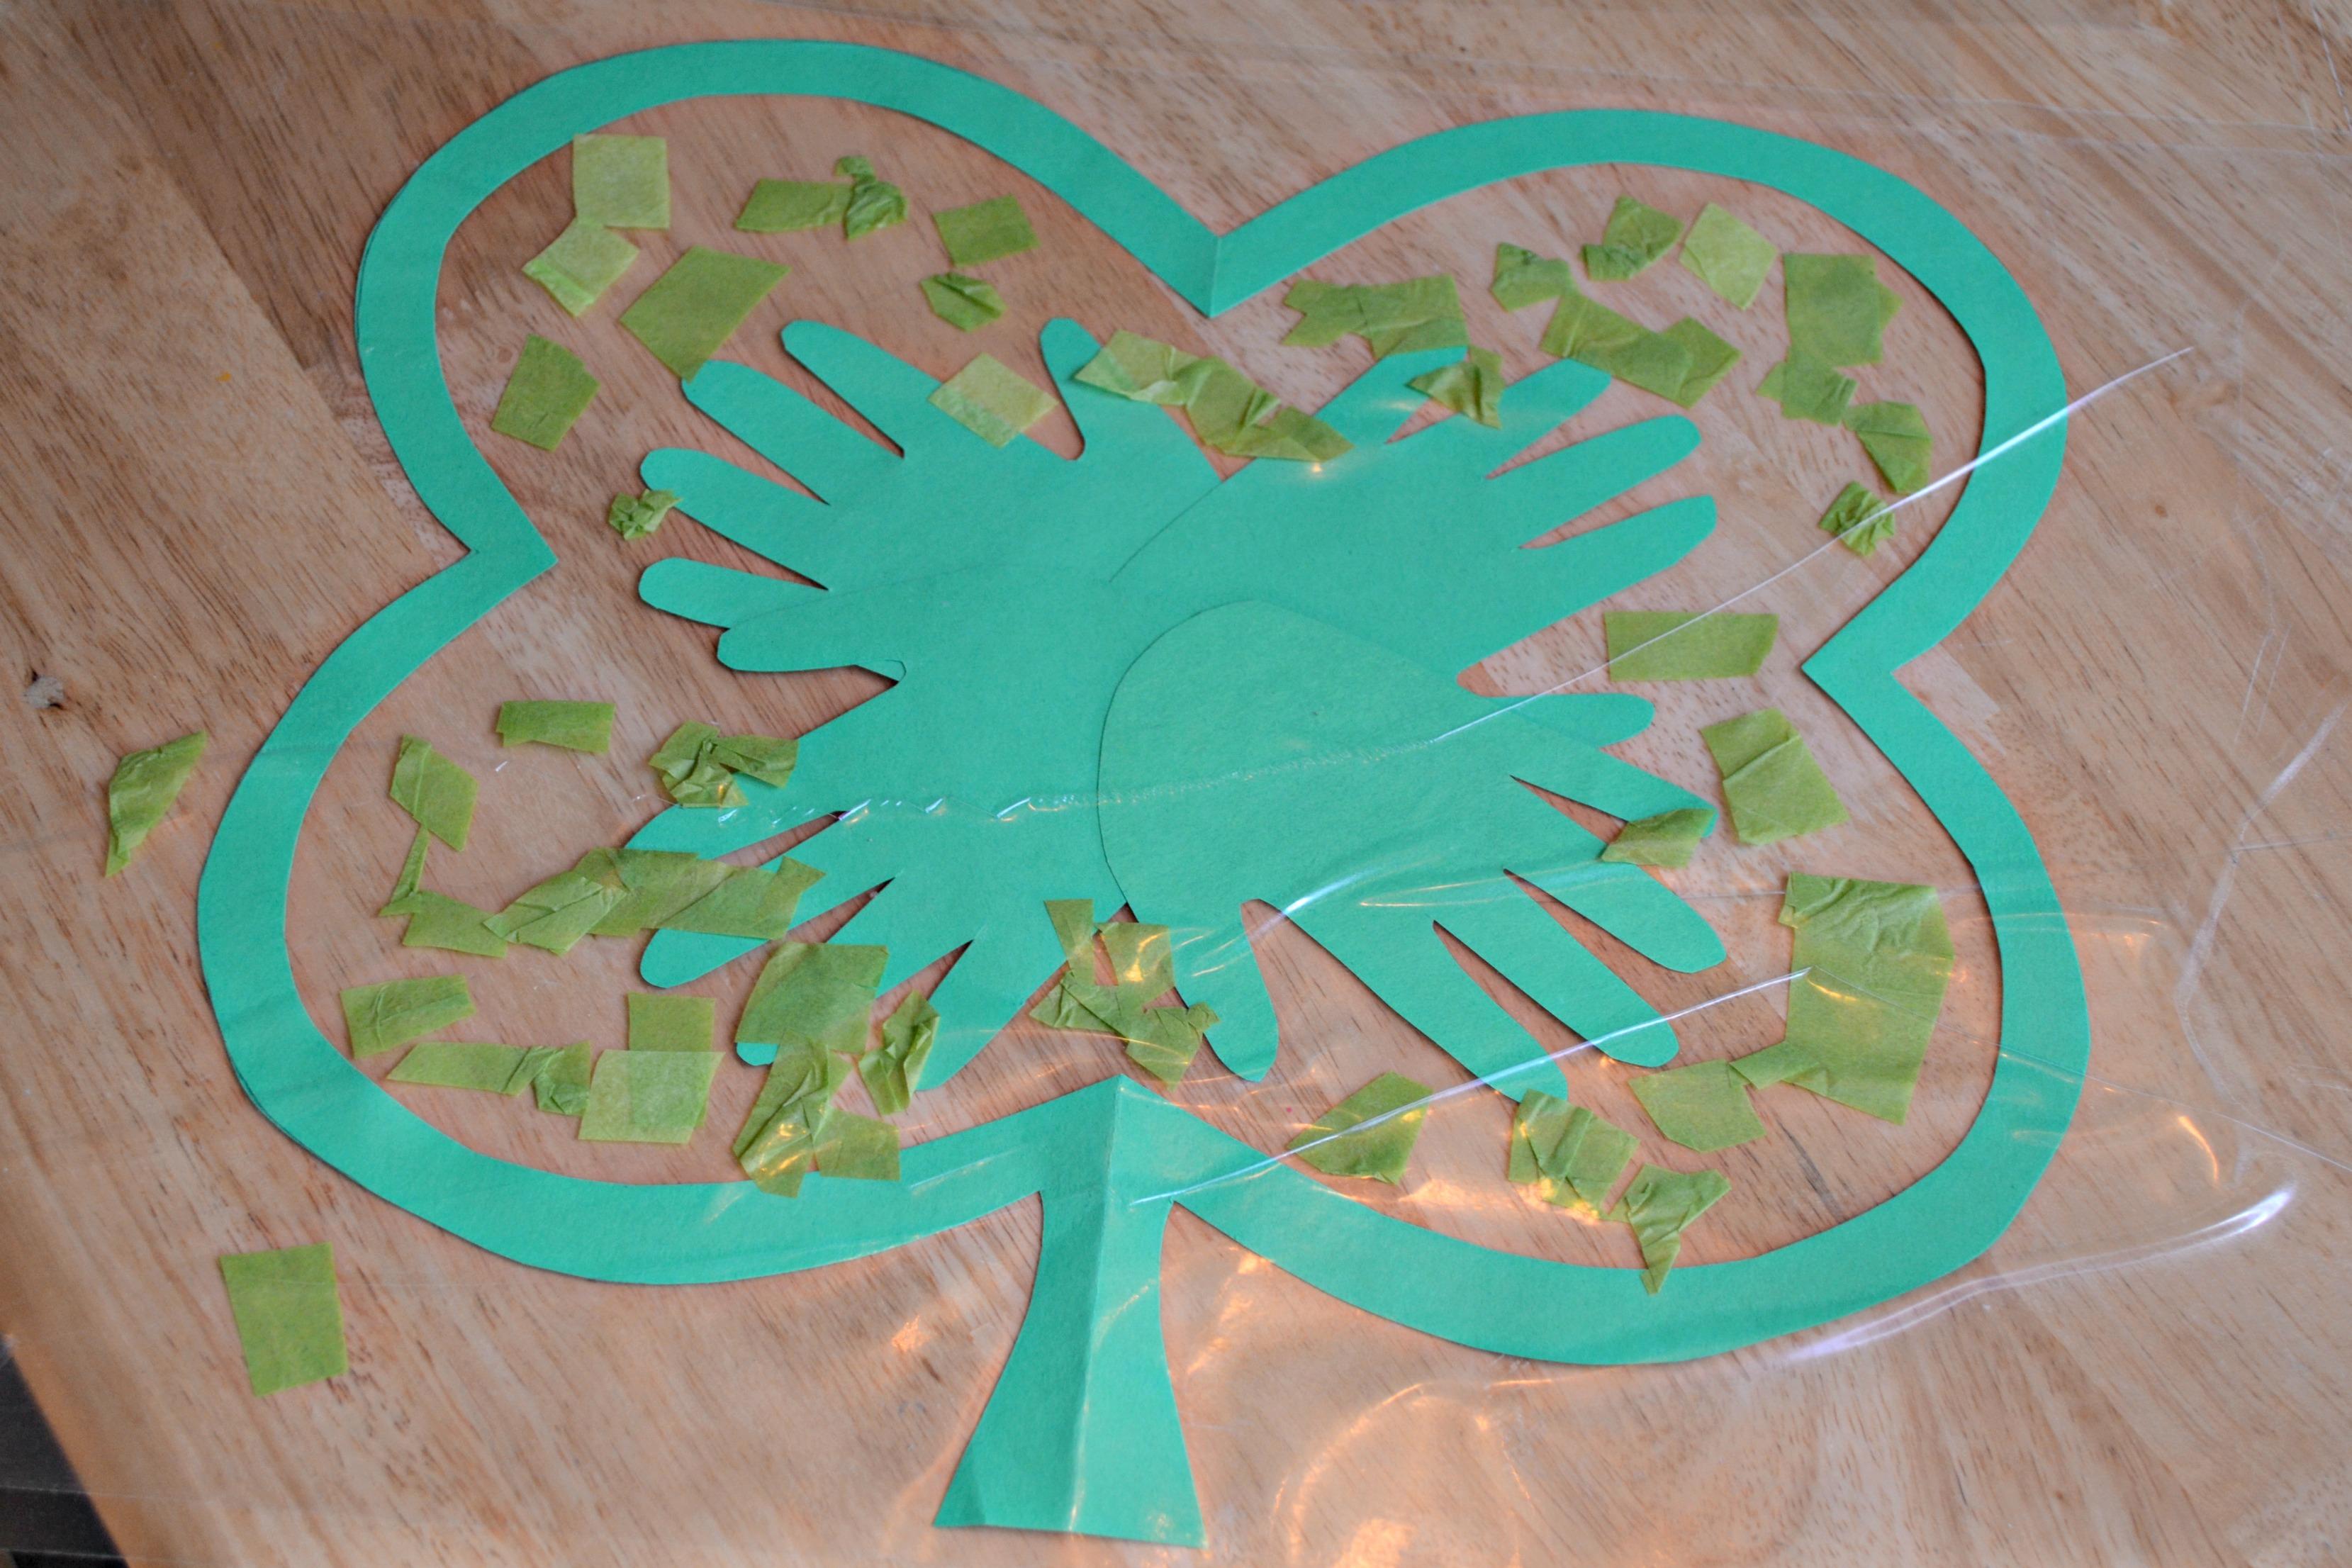 shamrock suncatchers by kiwico get steam u0026 stem projects